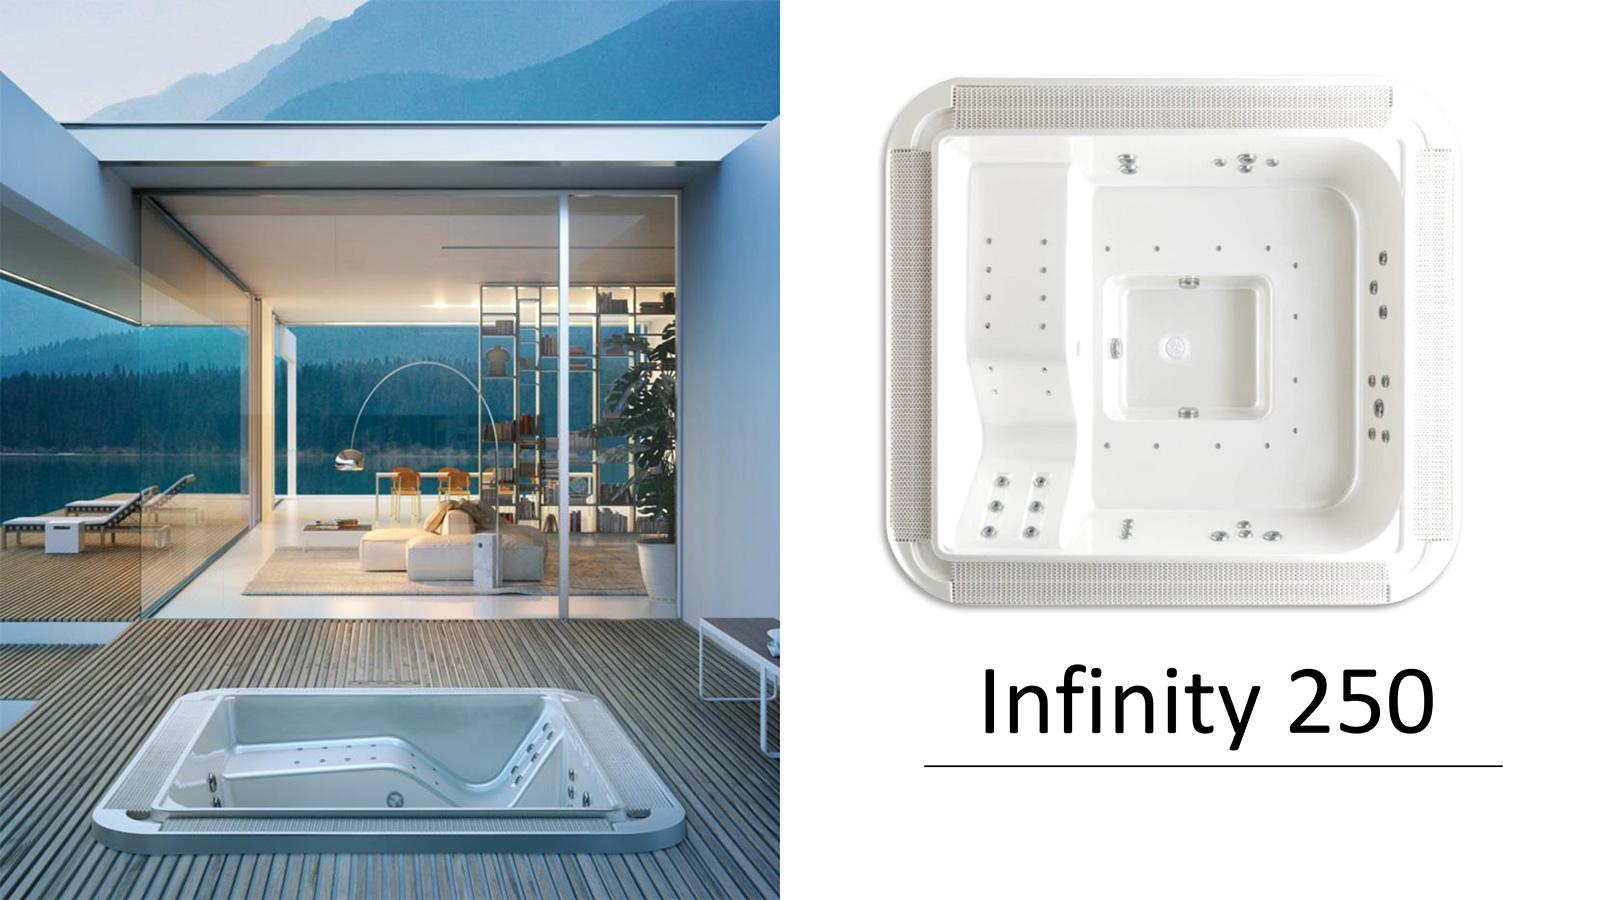 minipiscine-infinity-250_vasca